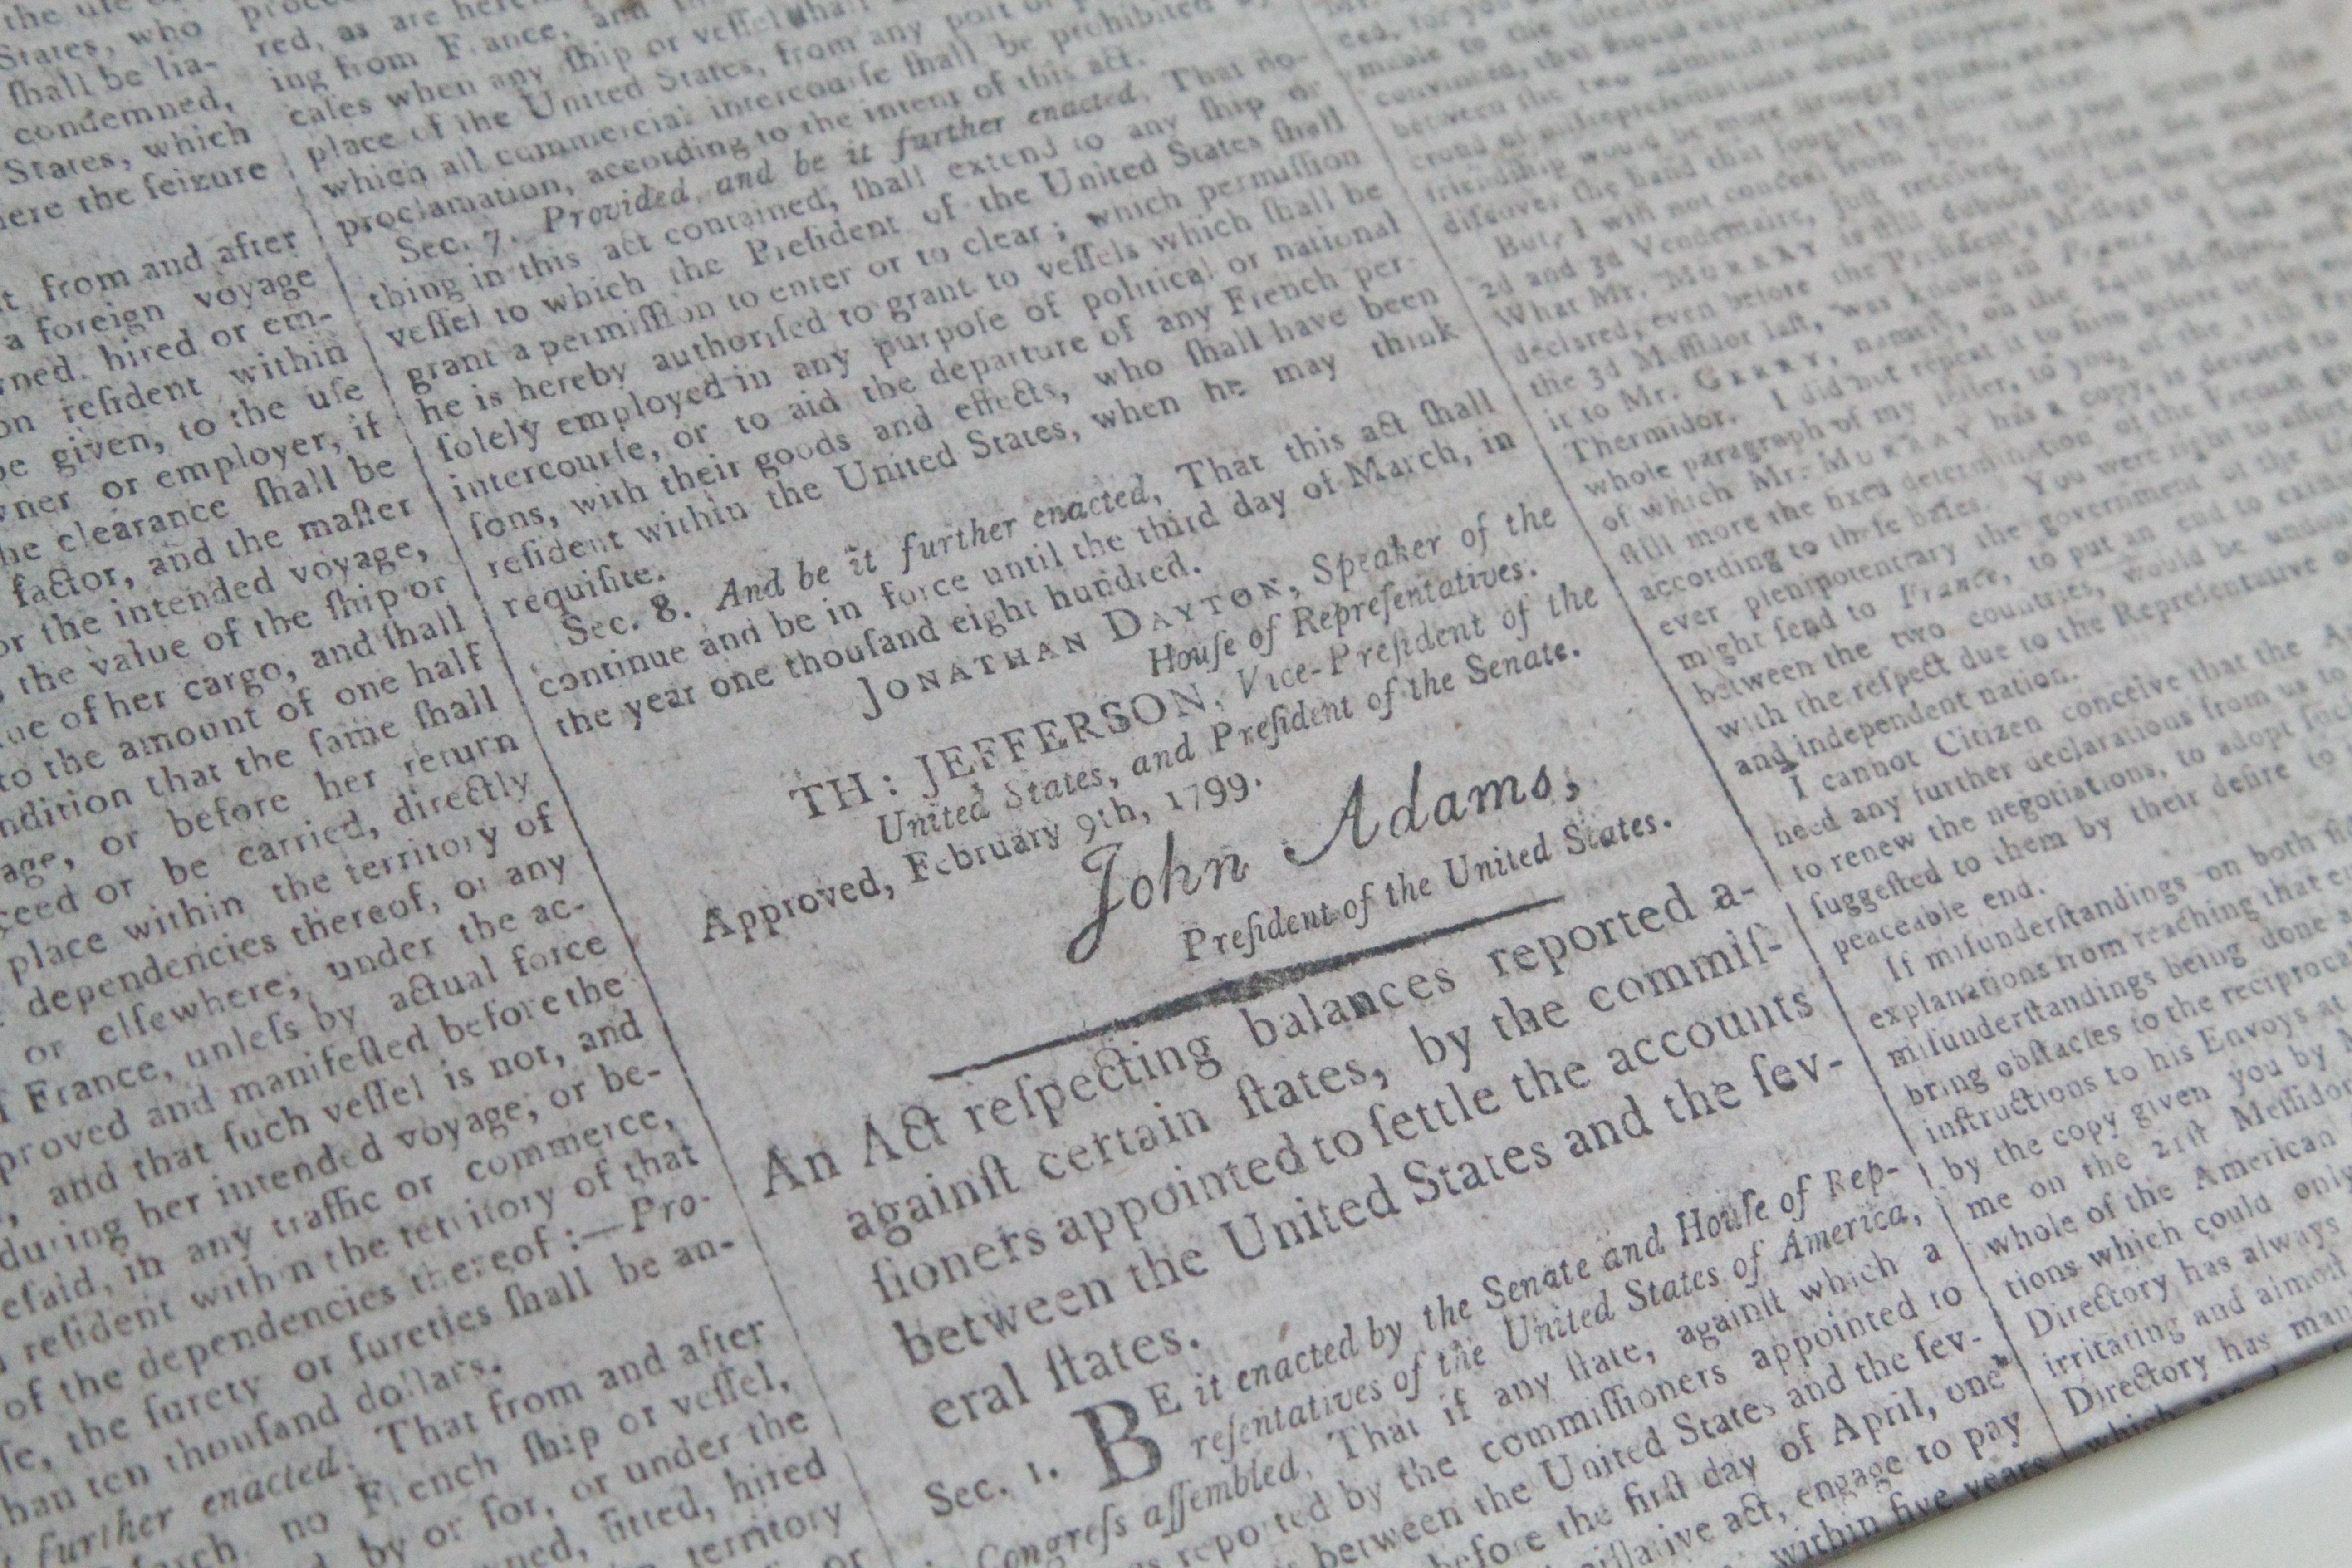 1812 Memorial Library - John Adams Signature in Newspaper